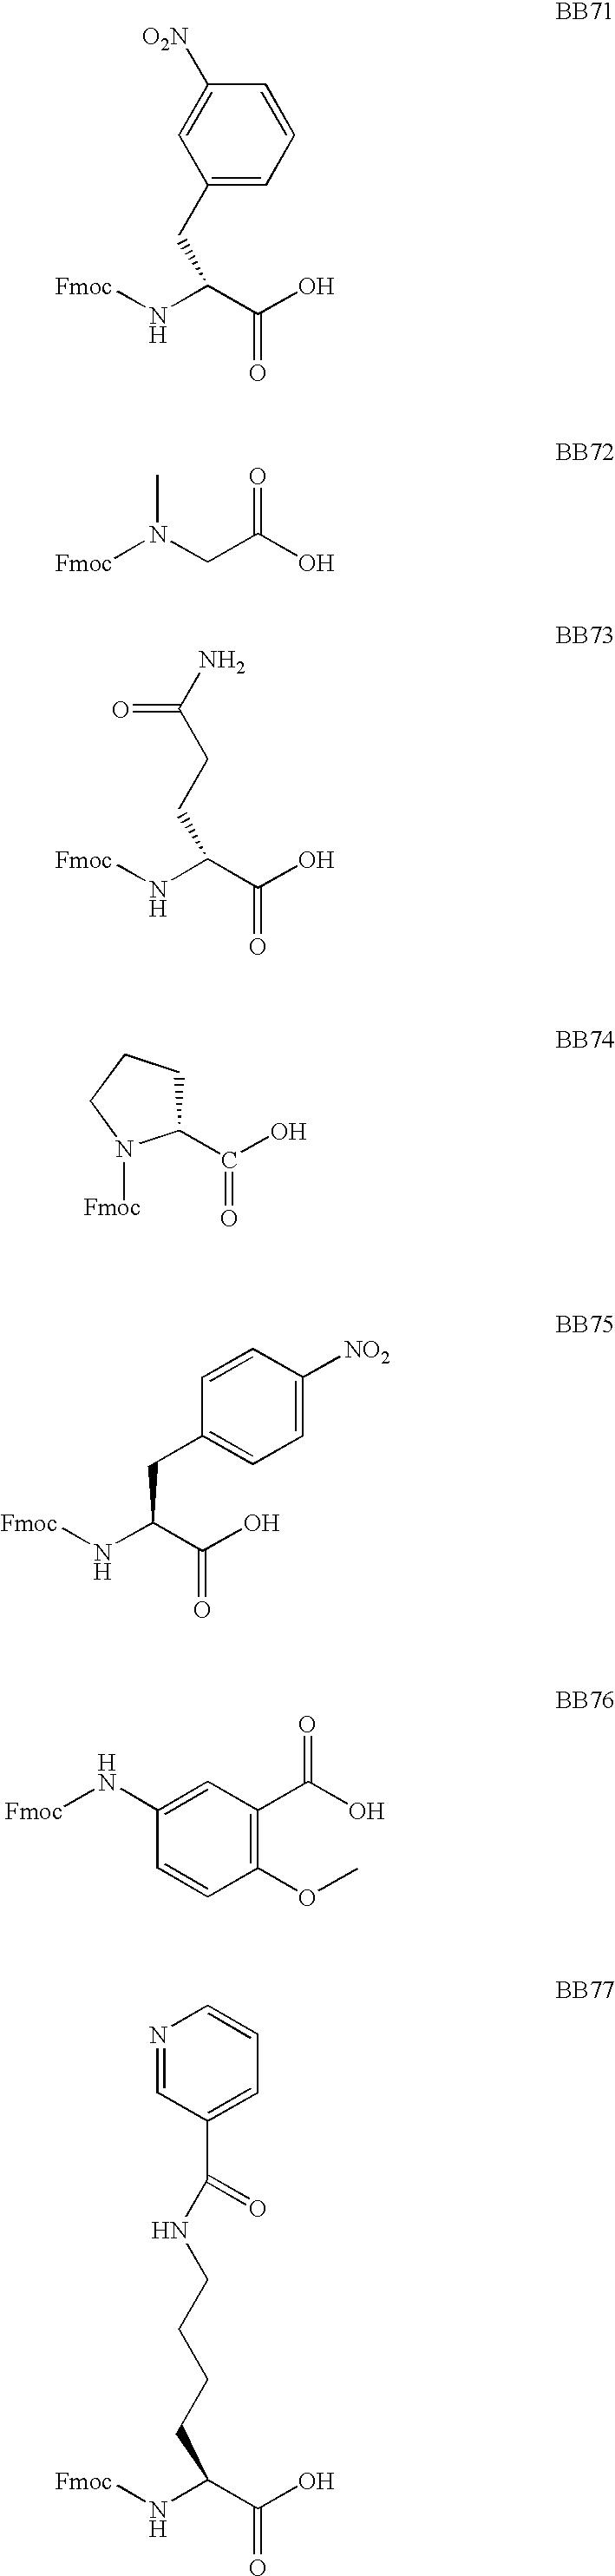 Figure US07972994-20110705-C00125